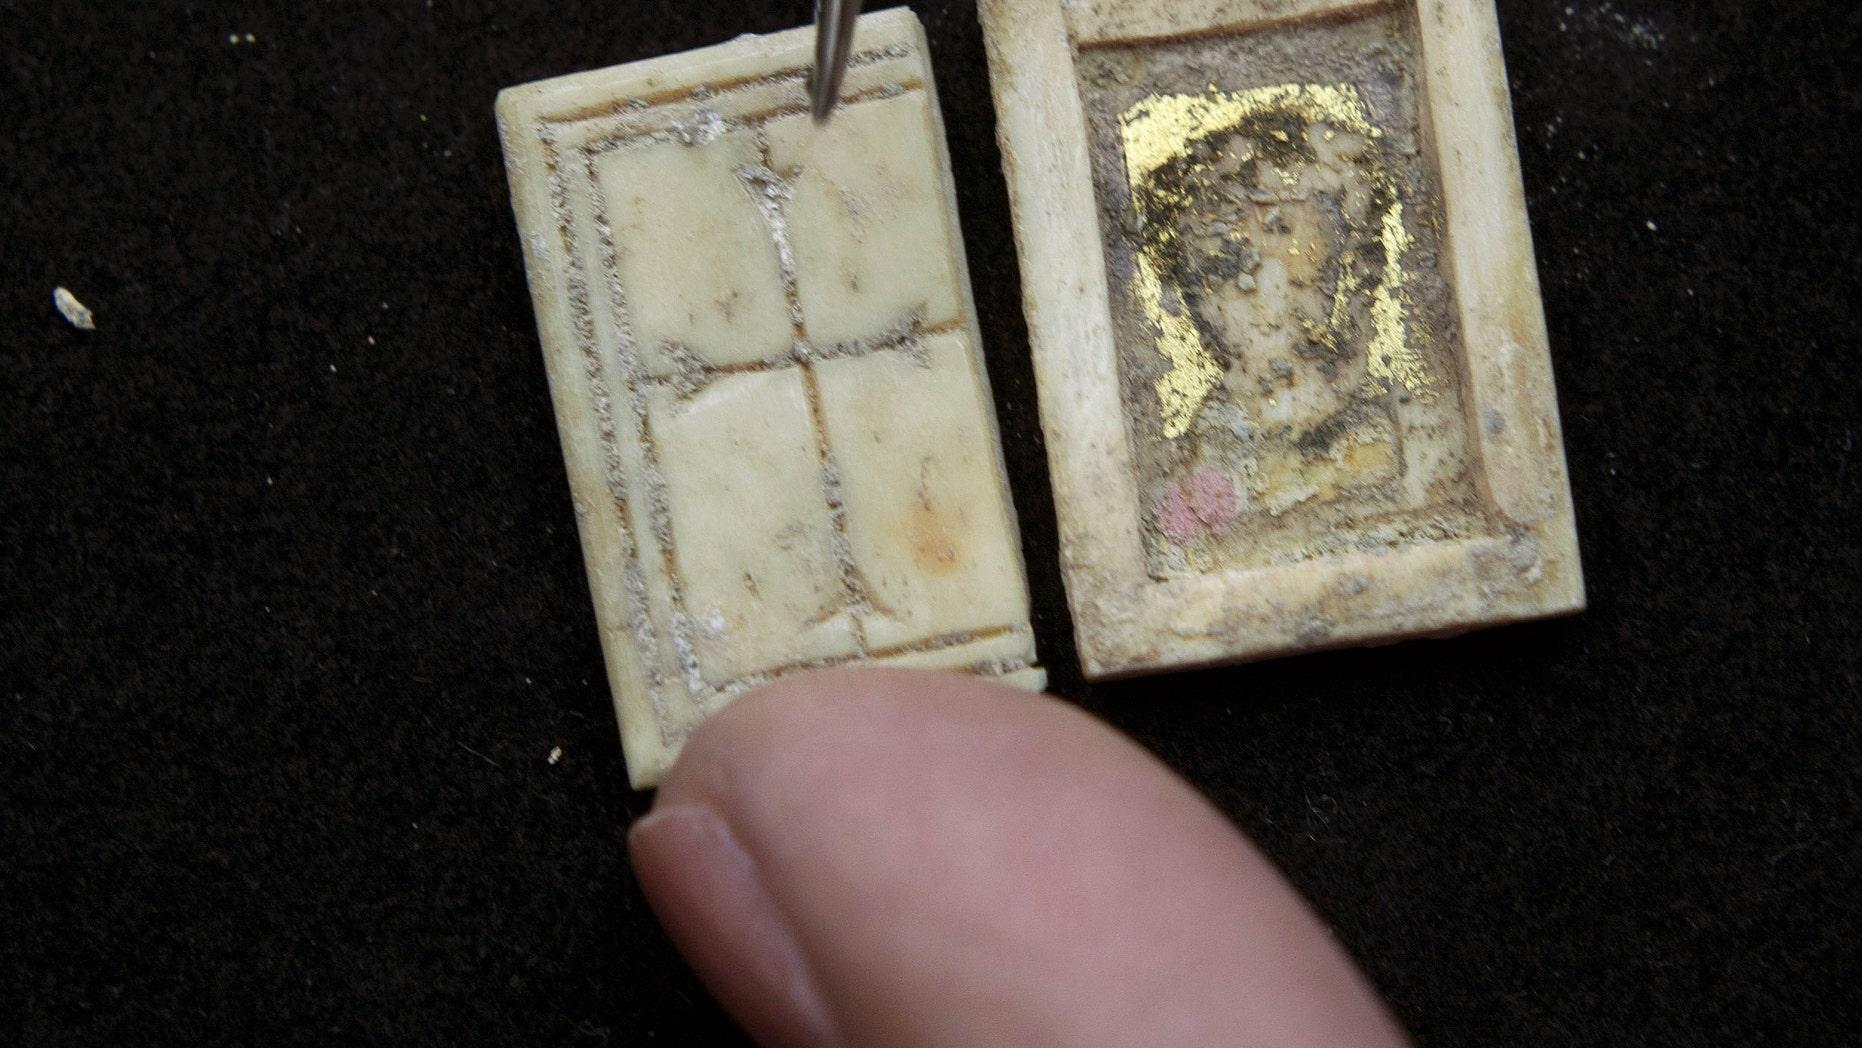 Un restaurador de la Autoridad de Antigüedades de Israel muestra una diinuta caja cristiana bizantina hecha de hueso, con una cruz labrada en la tapa, en Jerusalén, el domingo, 30 de octubre del 2011. El objeto muy probablemete era llevado por un creyente que lo perdiò en una de las calles de la ciudad alrededor del siglo VI, dijeron arqueólogos.(Foto AP/Sebastian Scheiner)